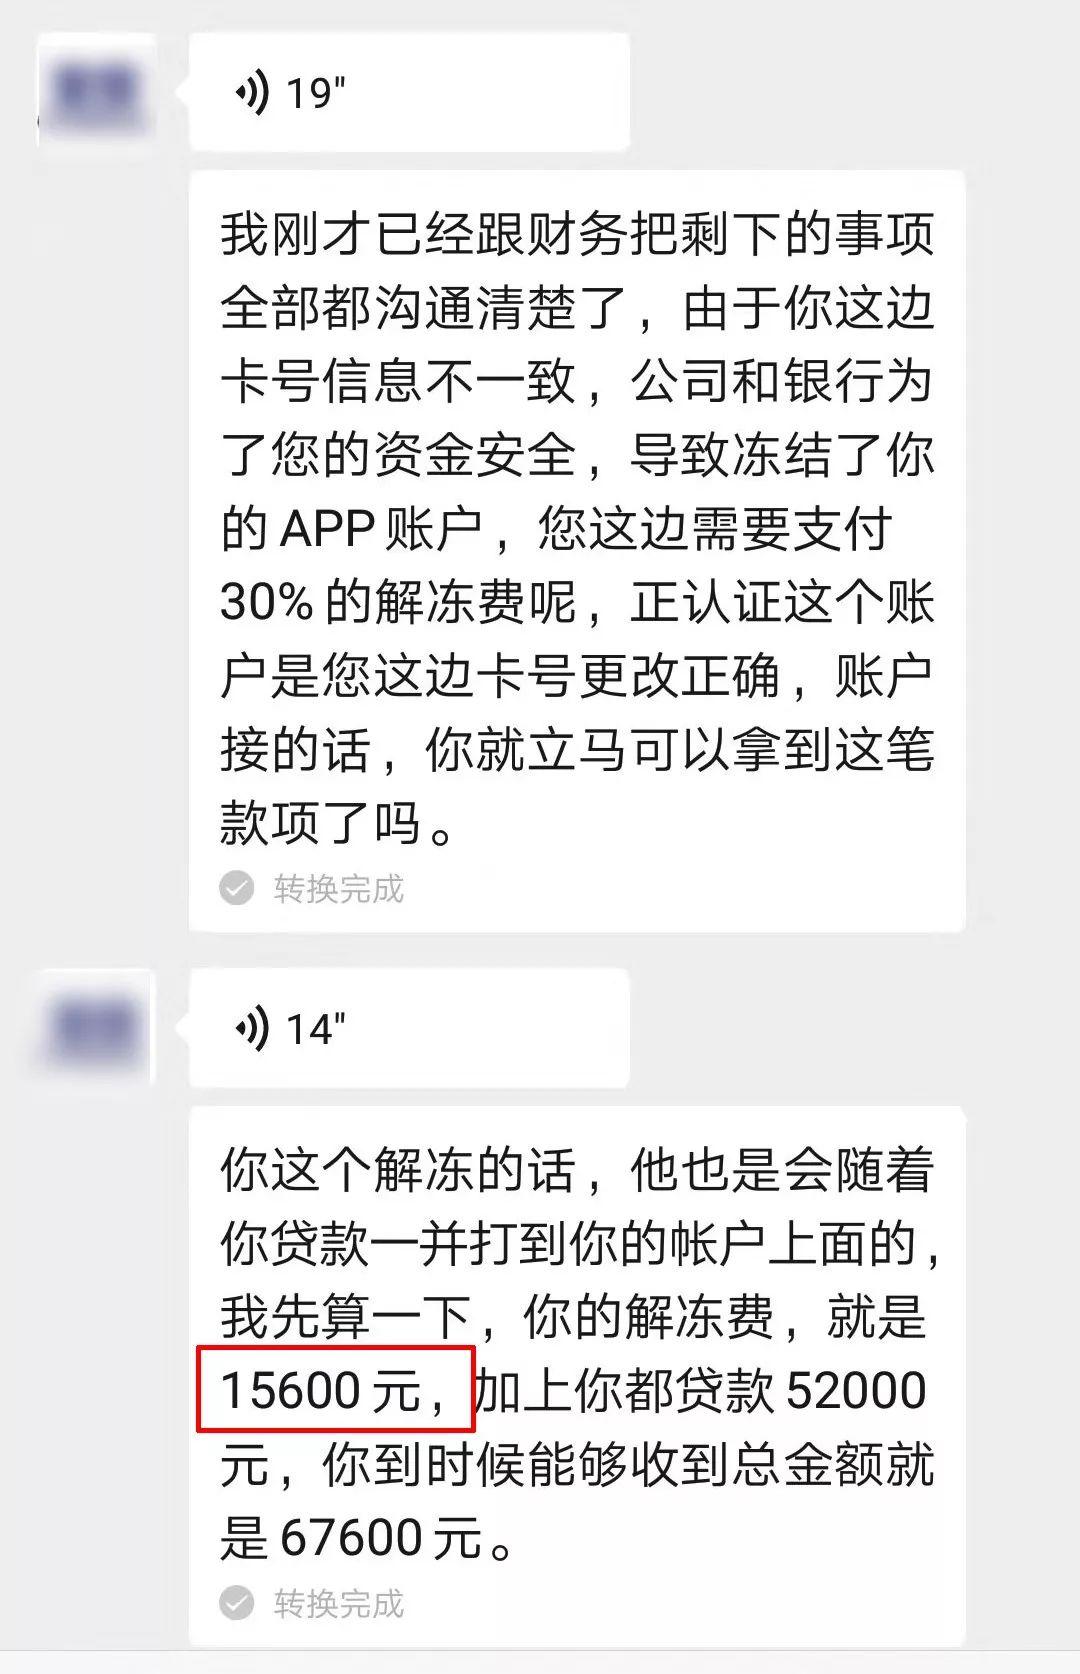 """曝光!东莞男子被""""网贷诈骗""""全过程!步步都是精心设计的陷阱!插图22"""